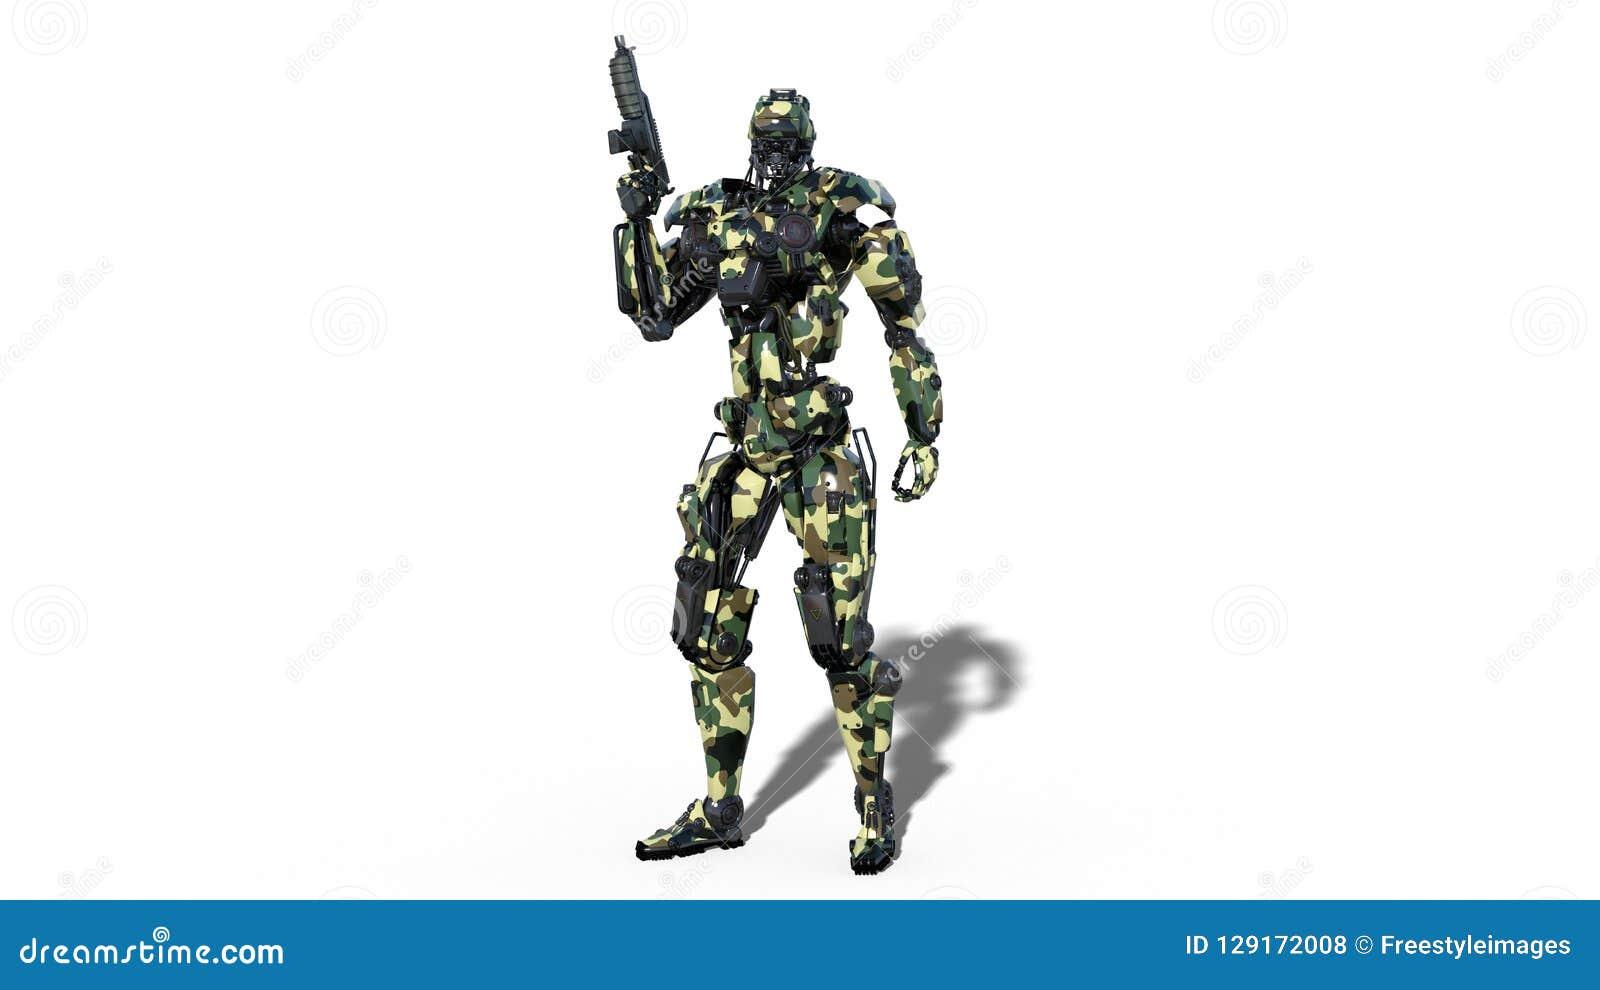 Armeeroboter, Cyborg der bewaffneten Kräfte, der militärische androide Soldat, der Gewehr lokalisiert auf weißem Hintergrund hält